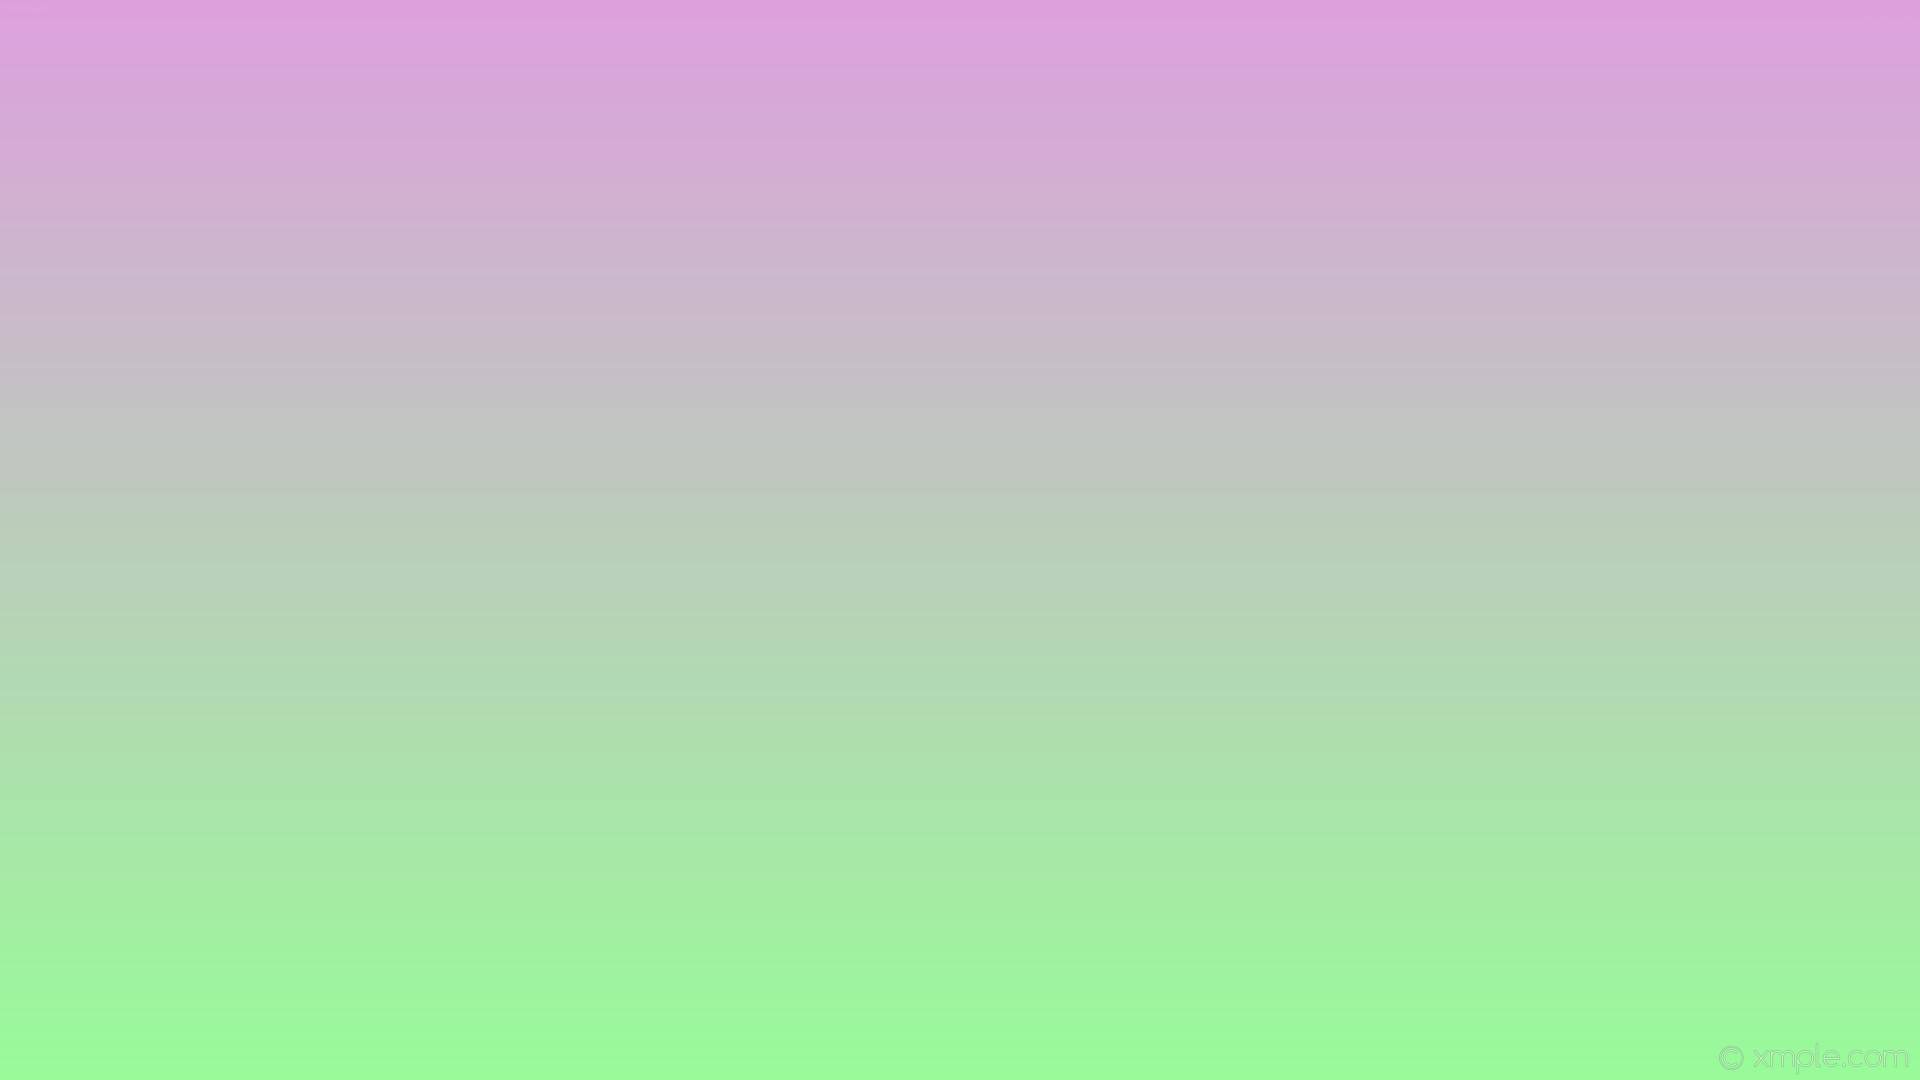 wallpaper linear green gradient purple pale green plum #98fb98 #dda0dd 270°